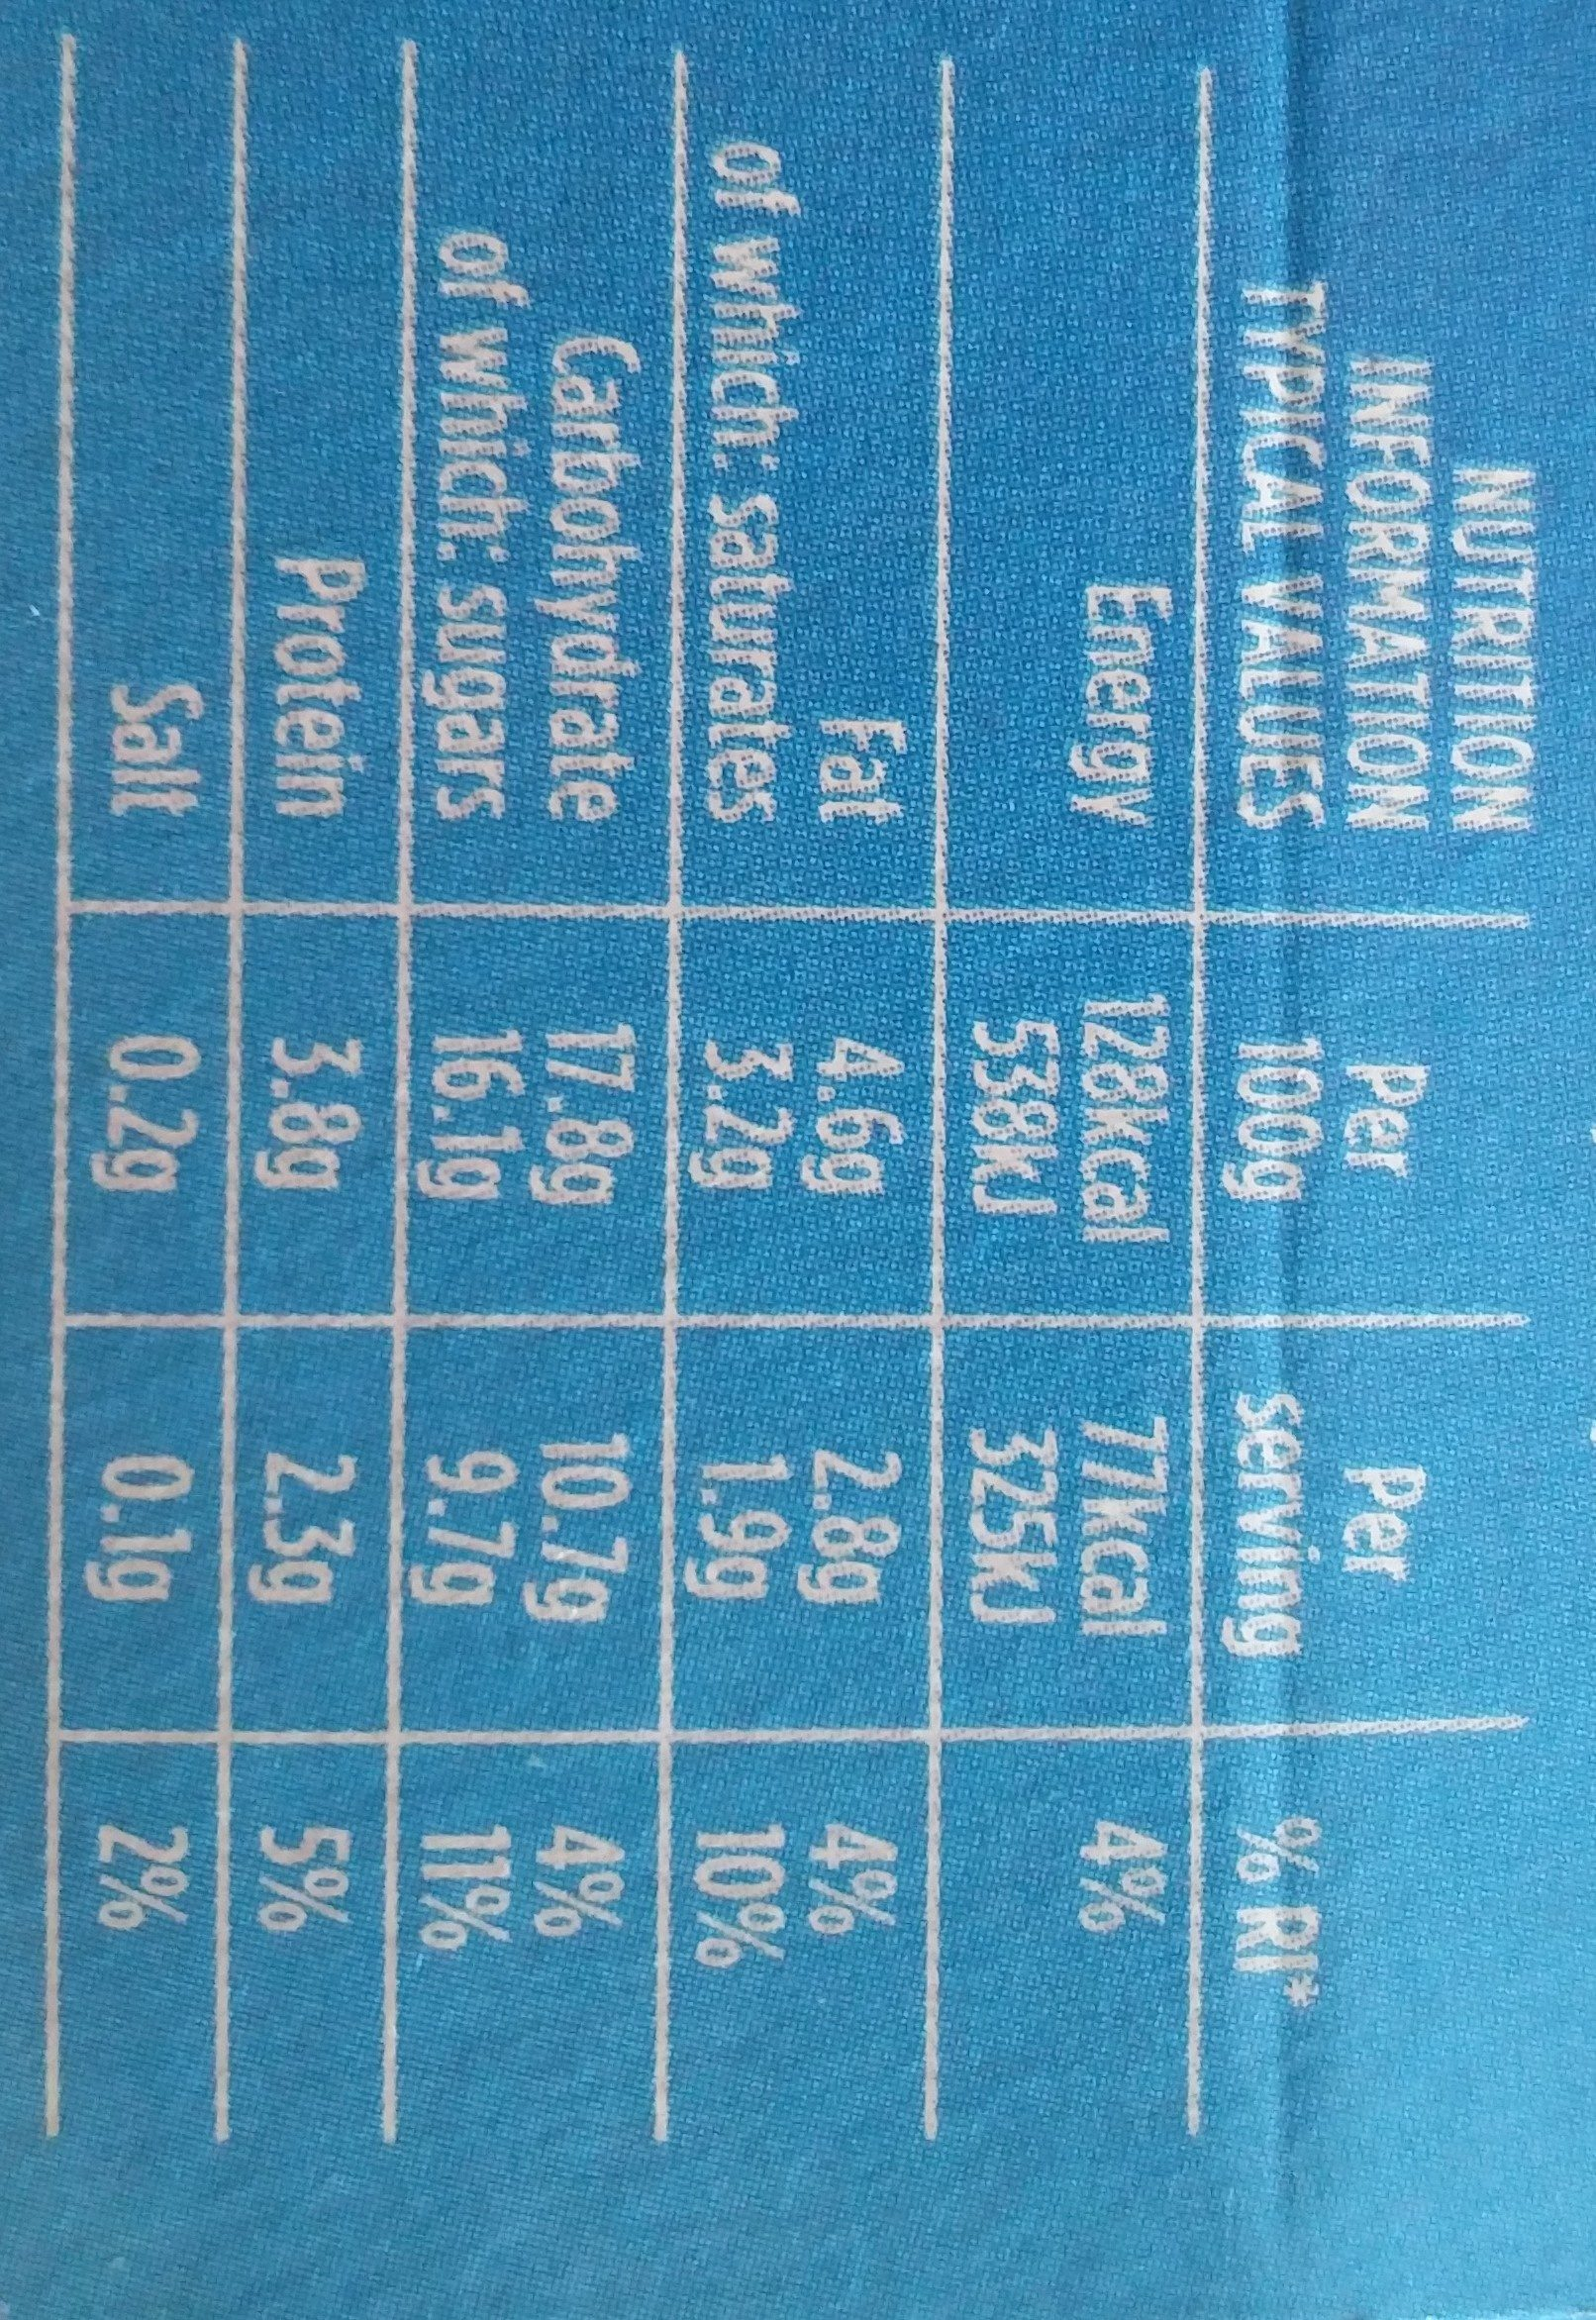 Ski lemon mousse - Nutrition facts - en